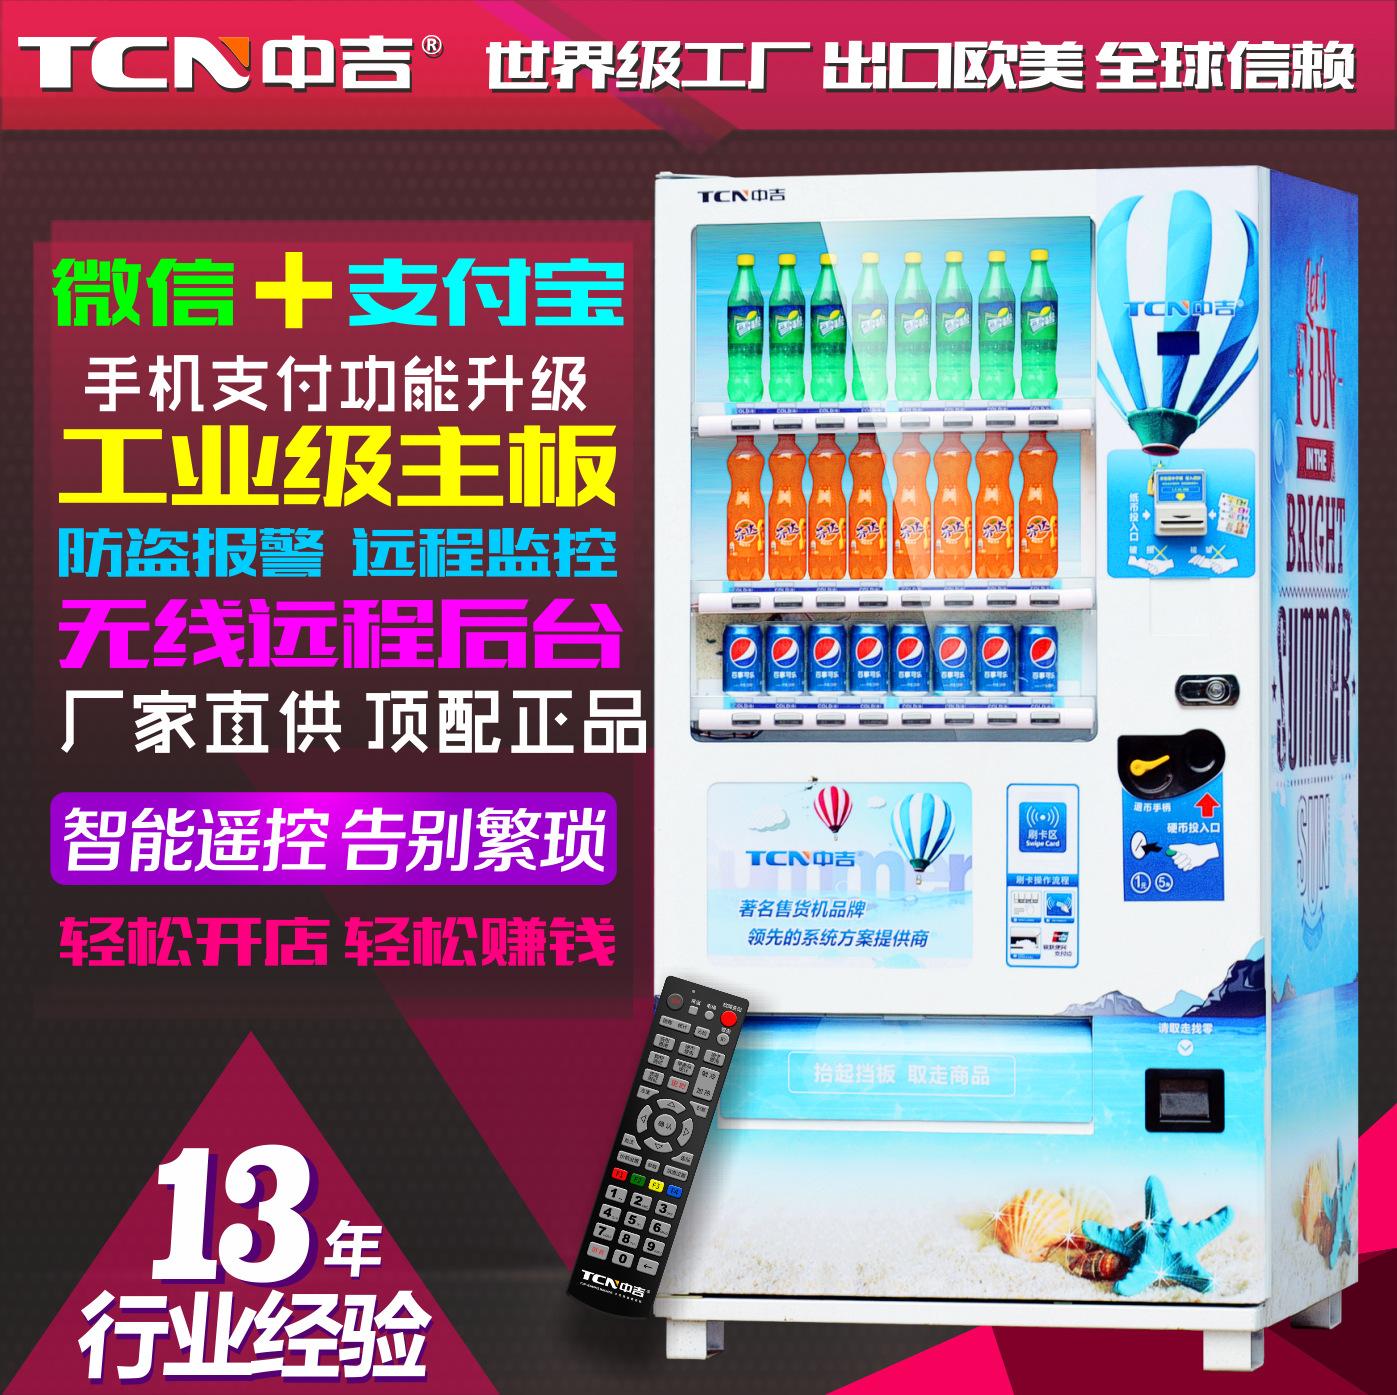 中吉自动售货机饮料贩卖机24小時无人值守售货机供应厂家直销